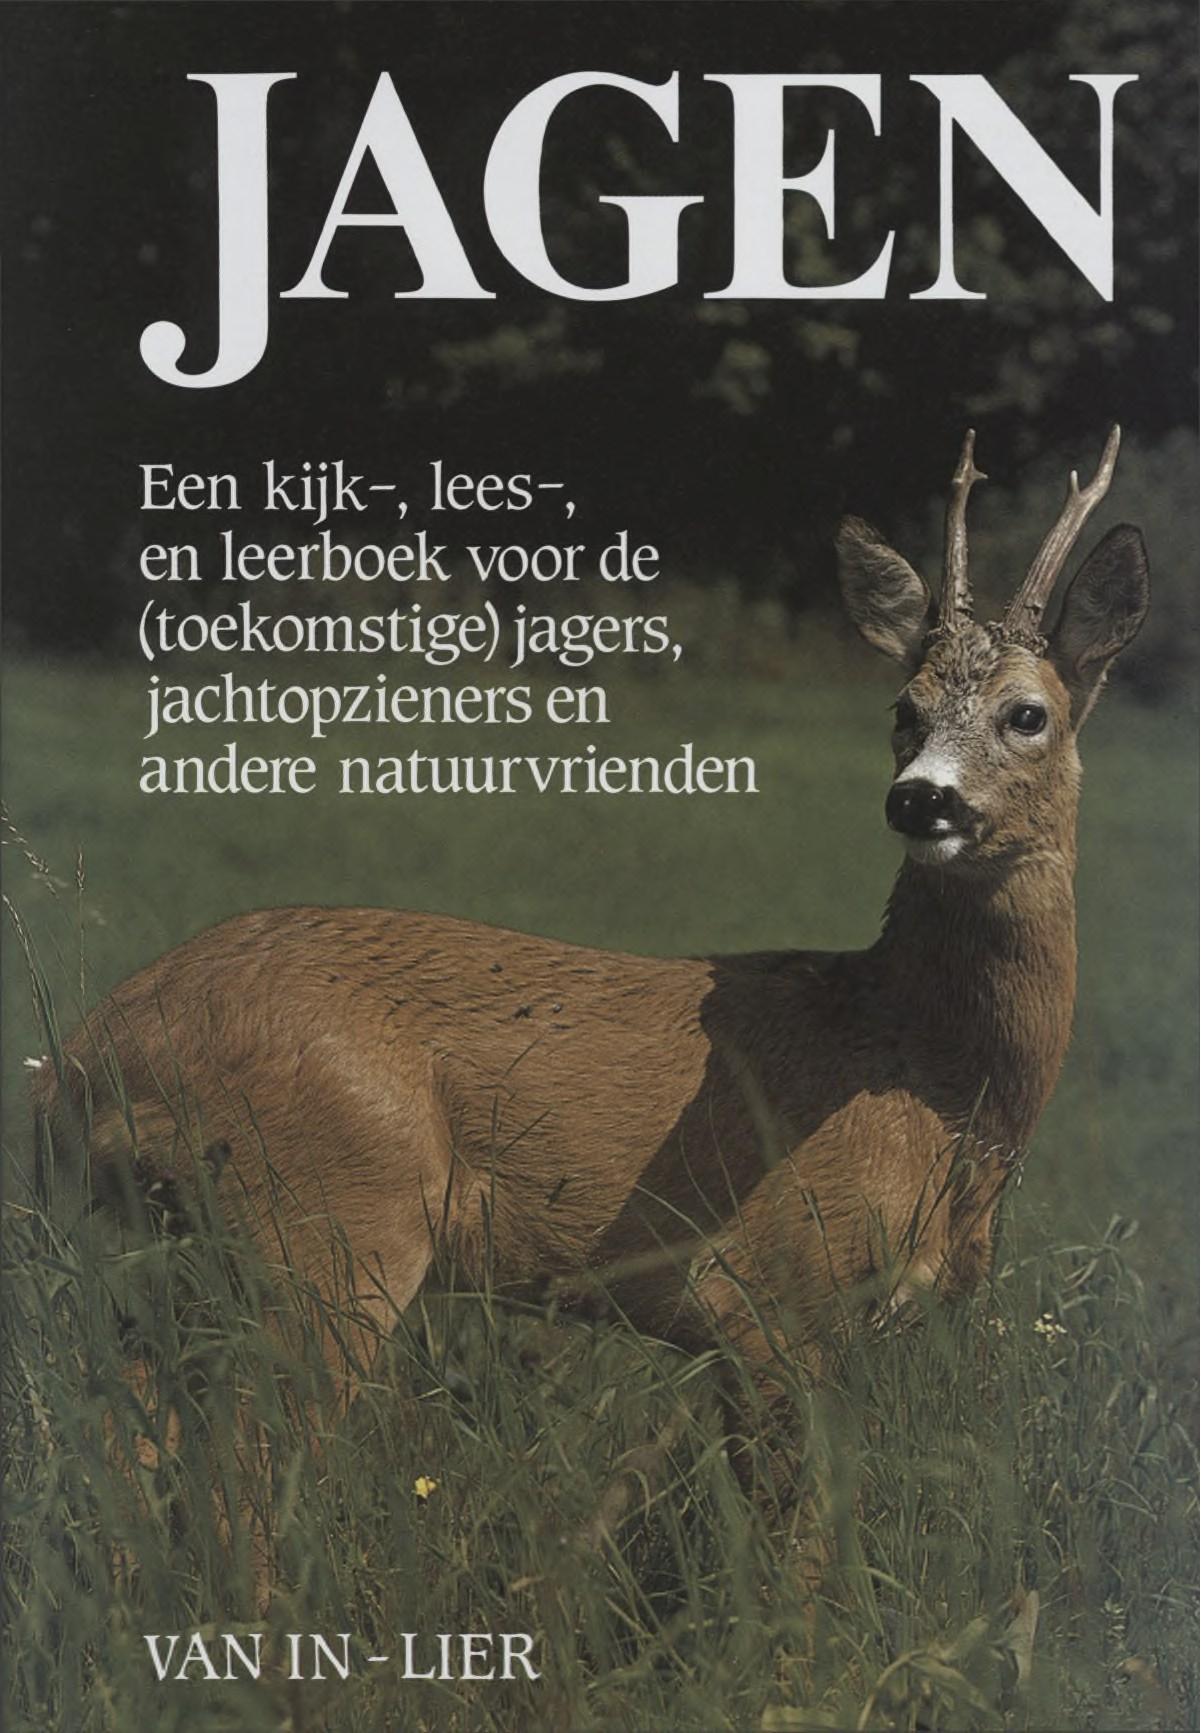 Jagen, het referentieboek voor de jachtopleiding